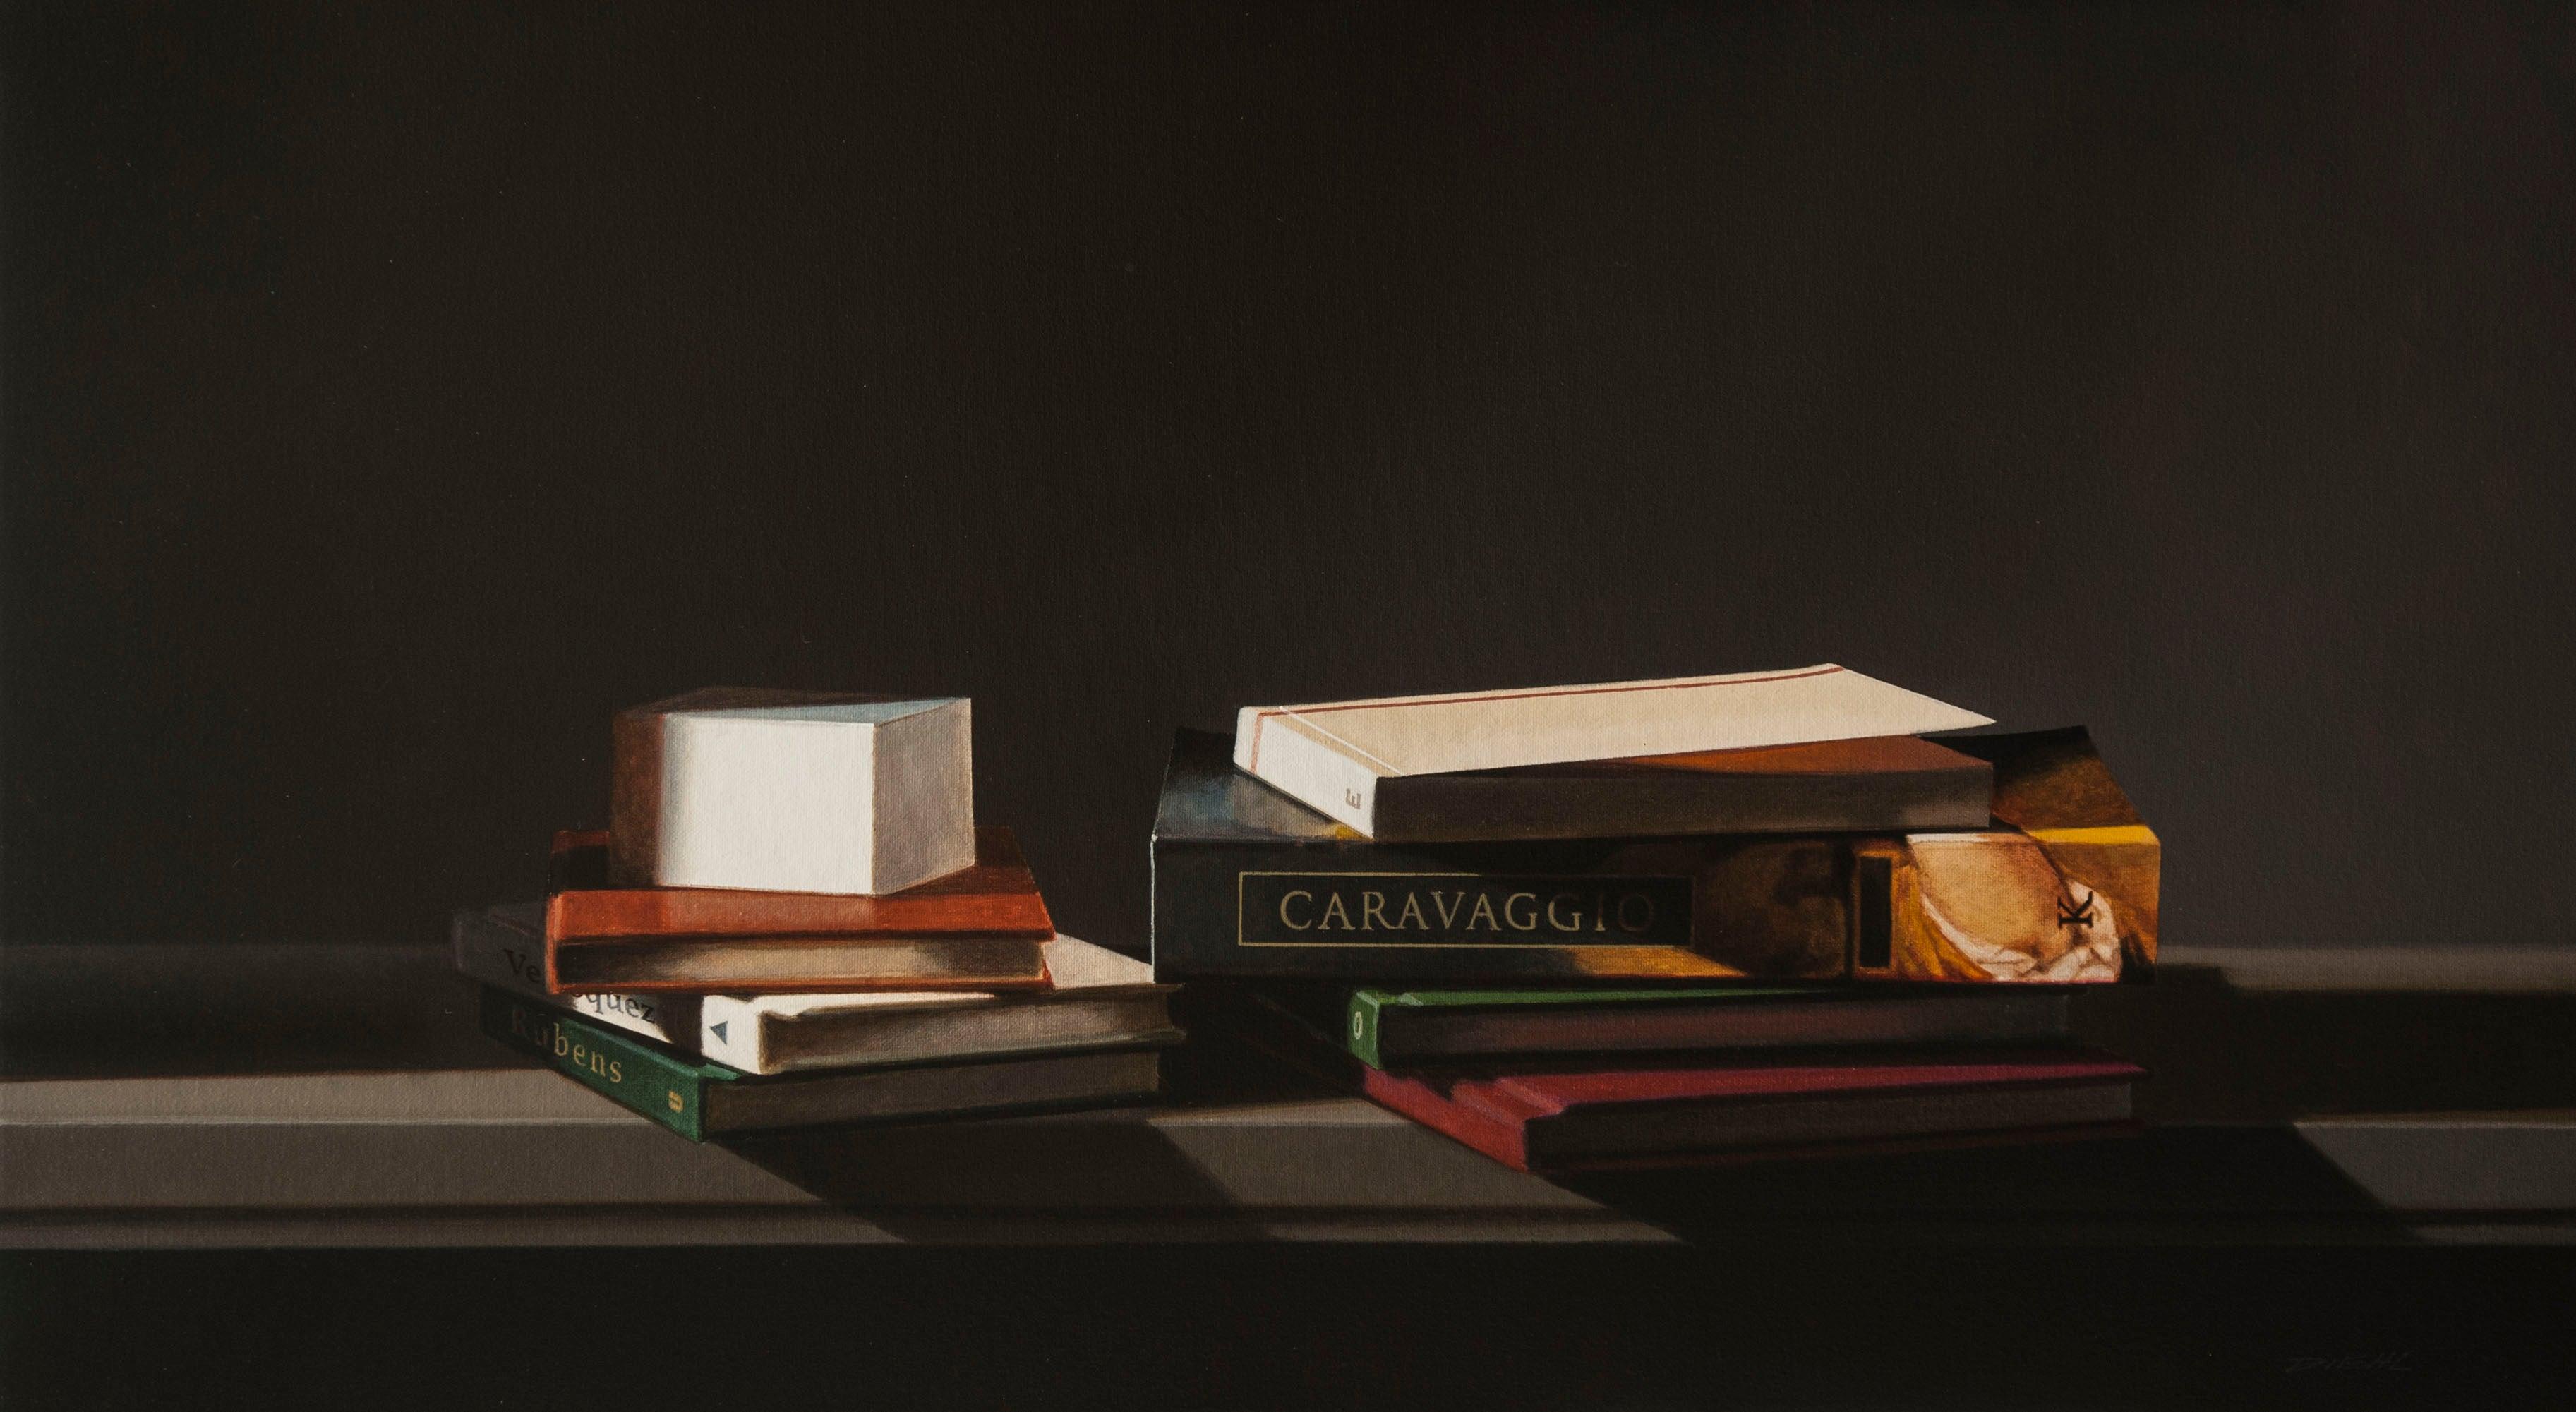 Still Life with Caravaggio